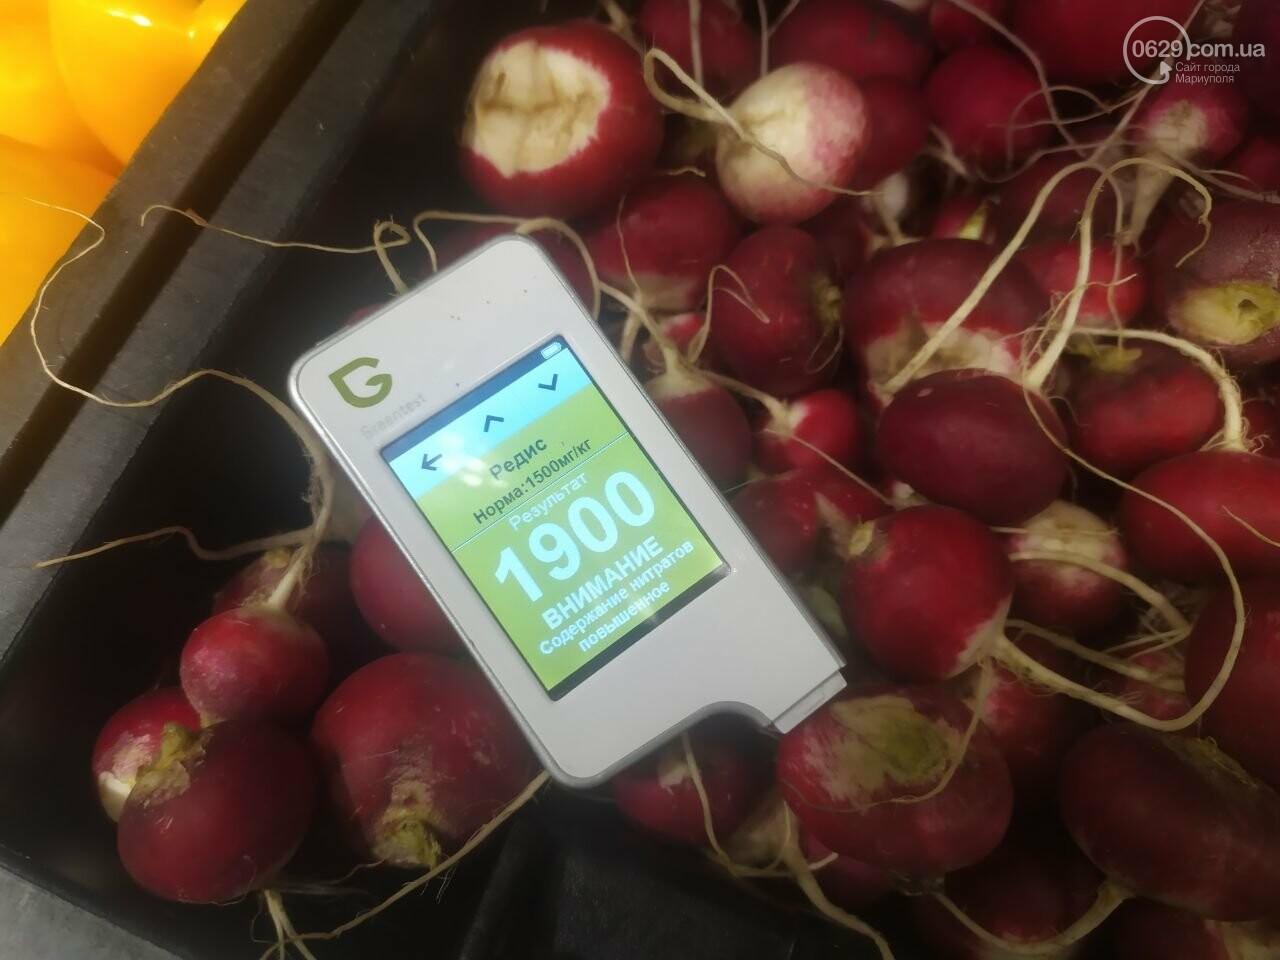 Осторожно, нитраты! В супермаркетах Мариуполя продают опасную редиску и капусту, - ФОТО, фото-3